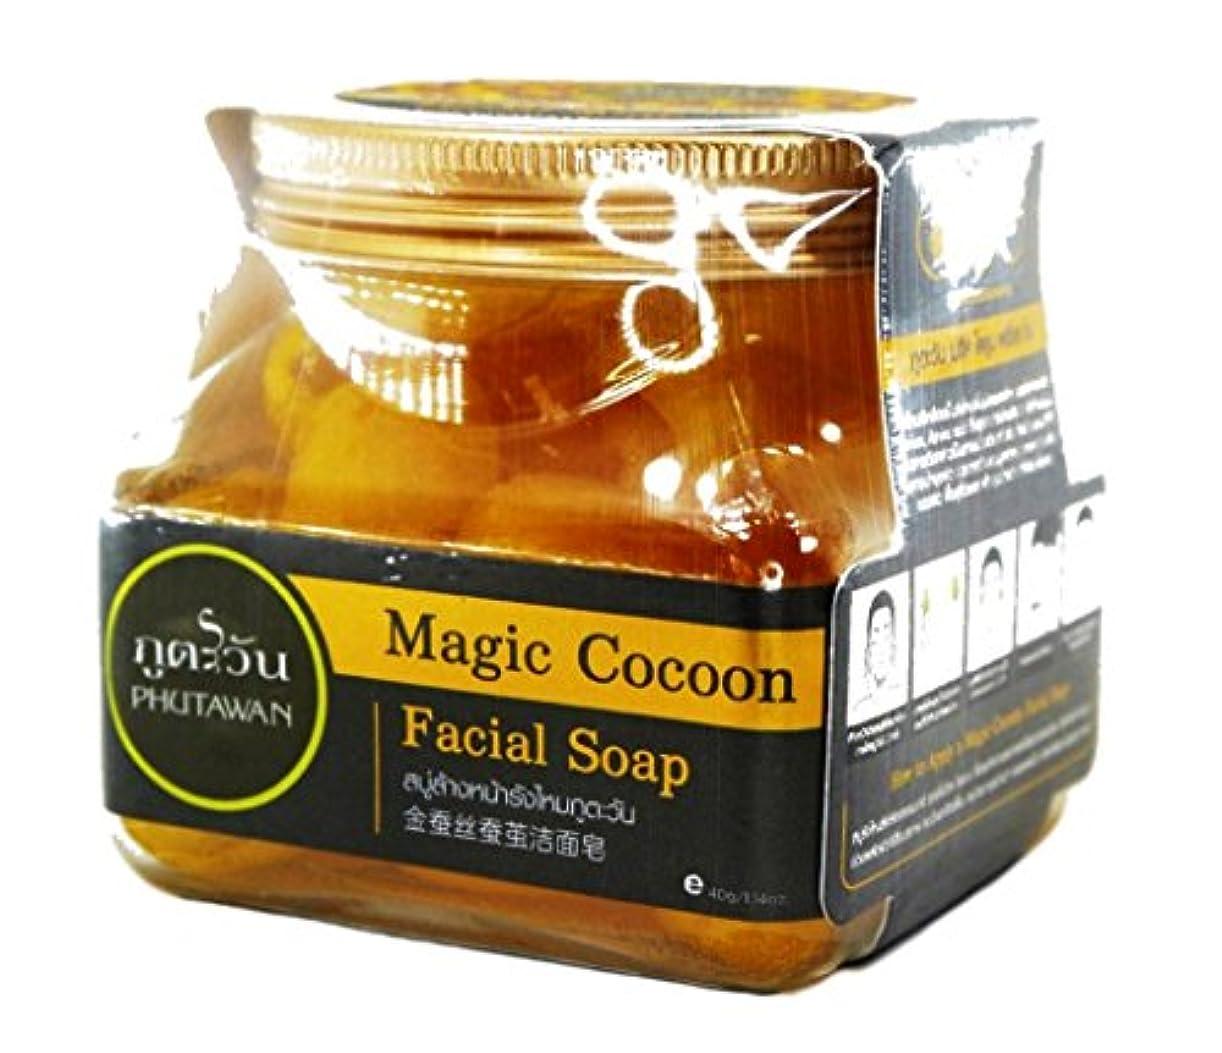 肺炎にぎやか予言する黄金まゆ玉石けんMagic Cocoon Fagic Soap シルク繭のフェイシャルスクラブ 30個入